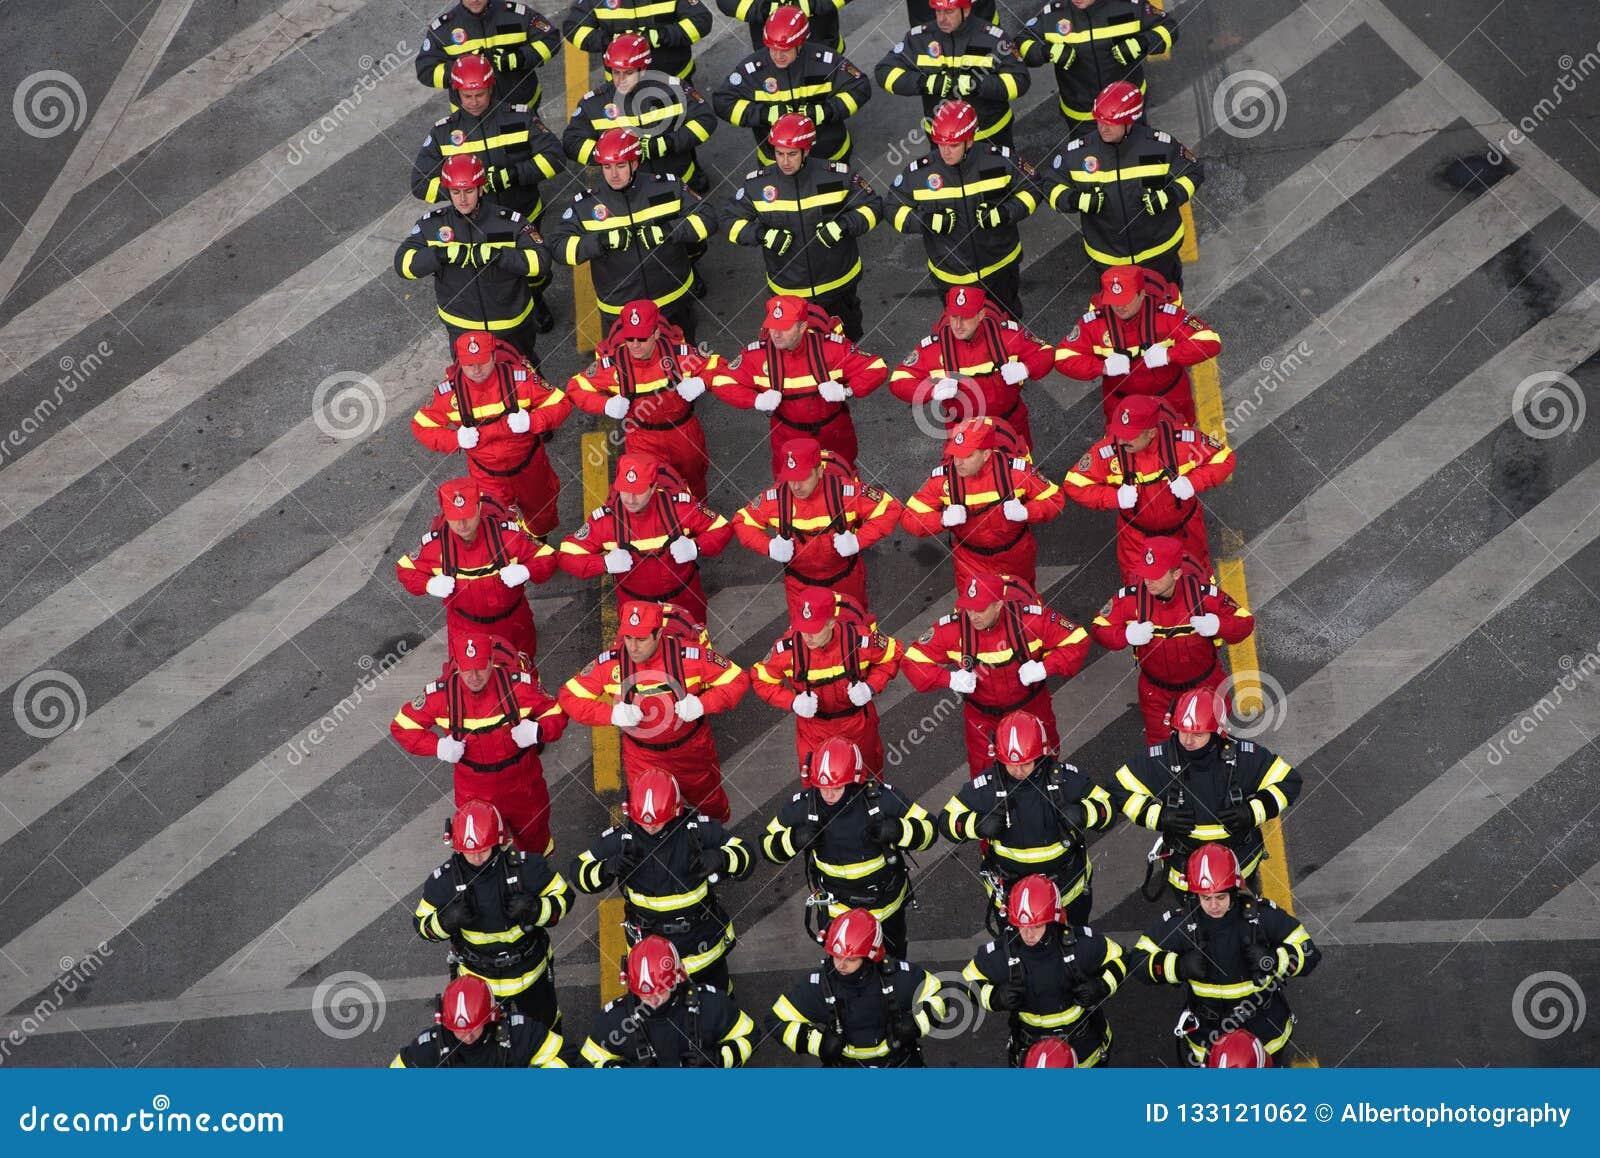 庆祝罗马尼亚的国庆节的军事游行